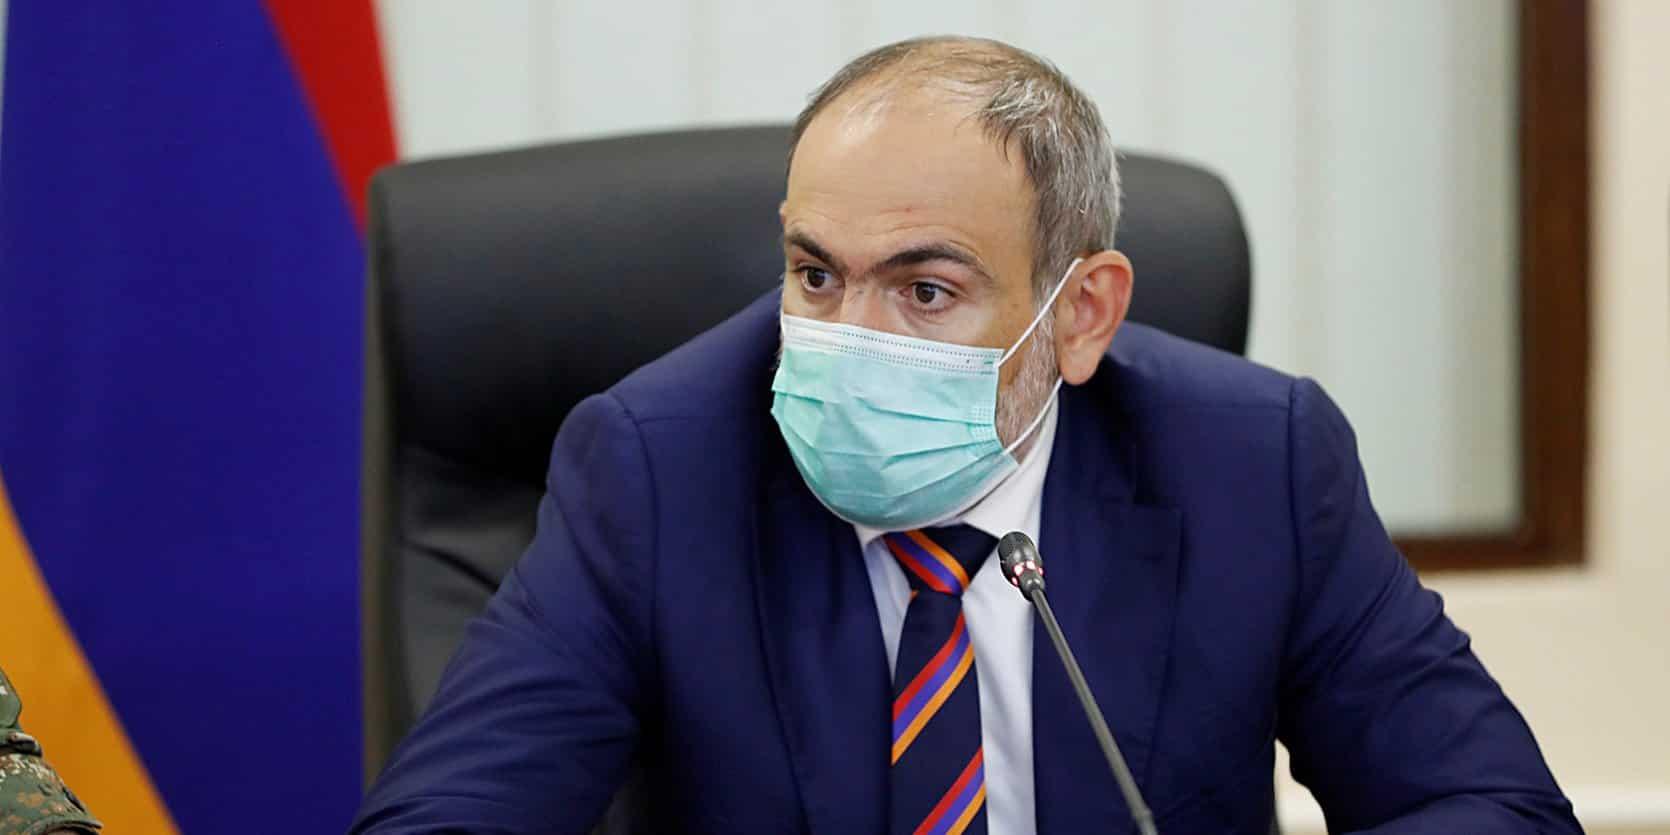 Путин провел переговоры с премьер-министром Армении о ситуации в Нагорном Карабахе